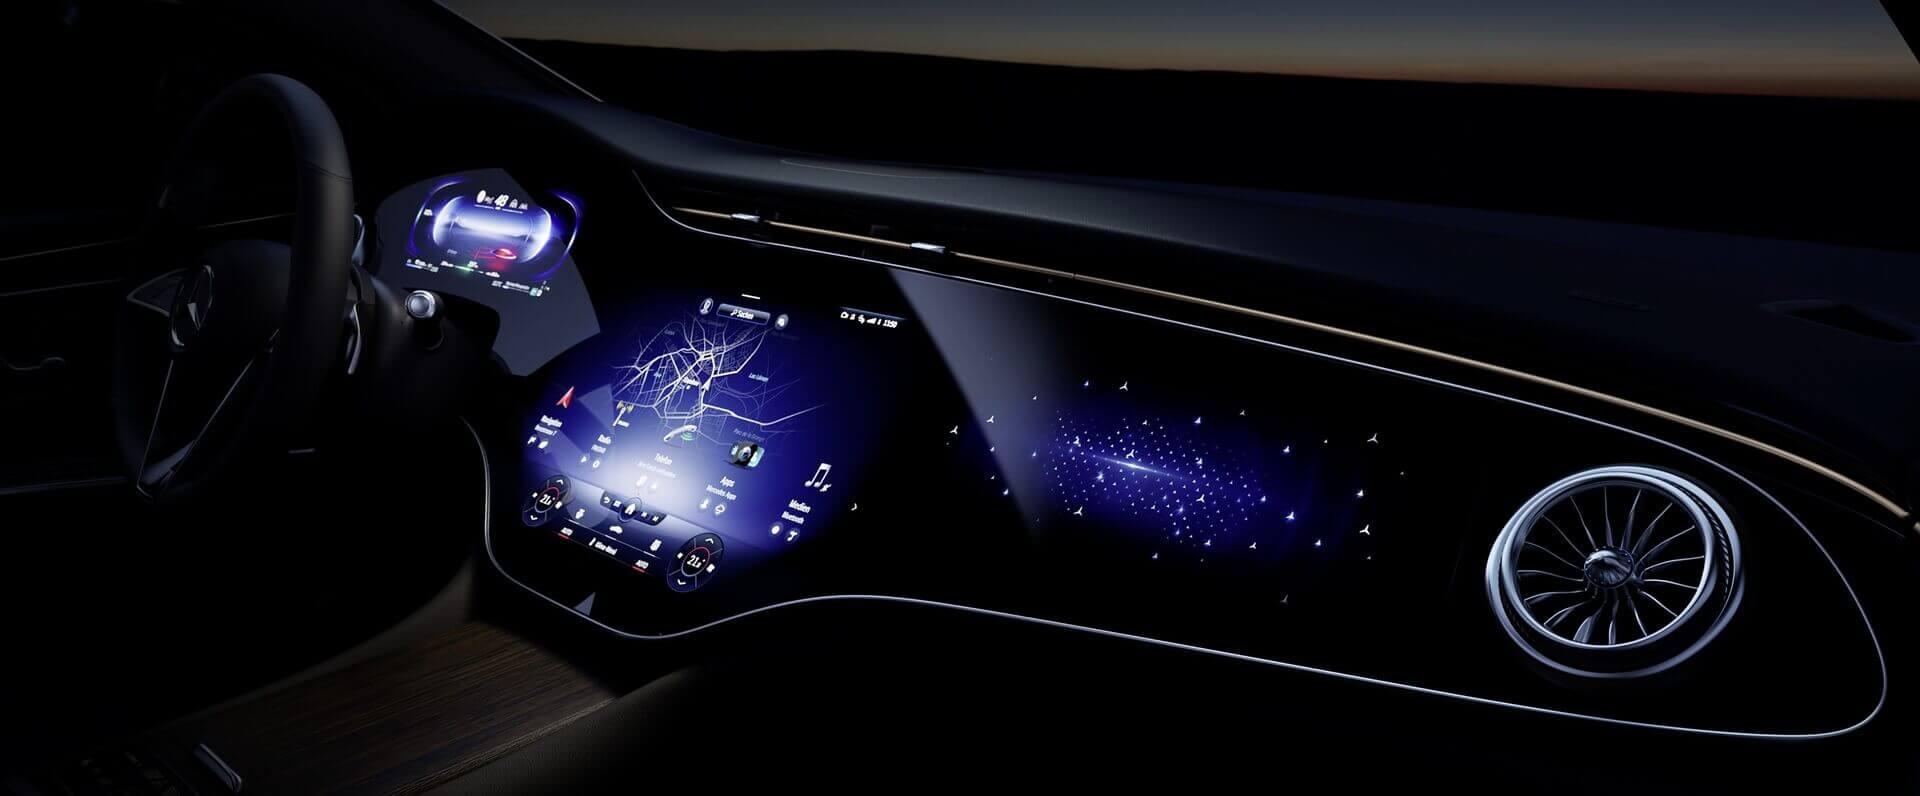 56-дюймовый «гиперэкран» Mercedes-Benz EQS с искусственным интеллектом